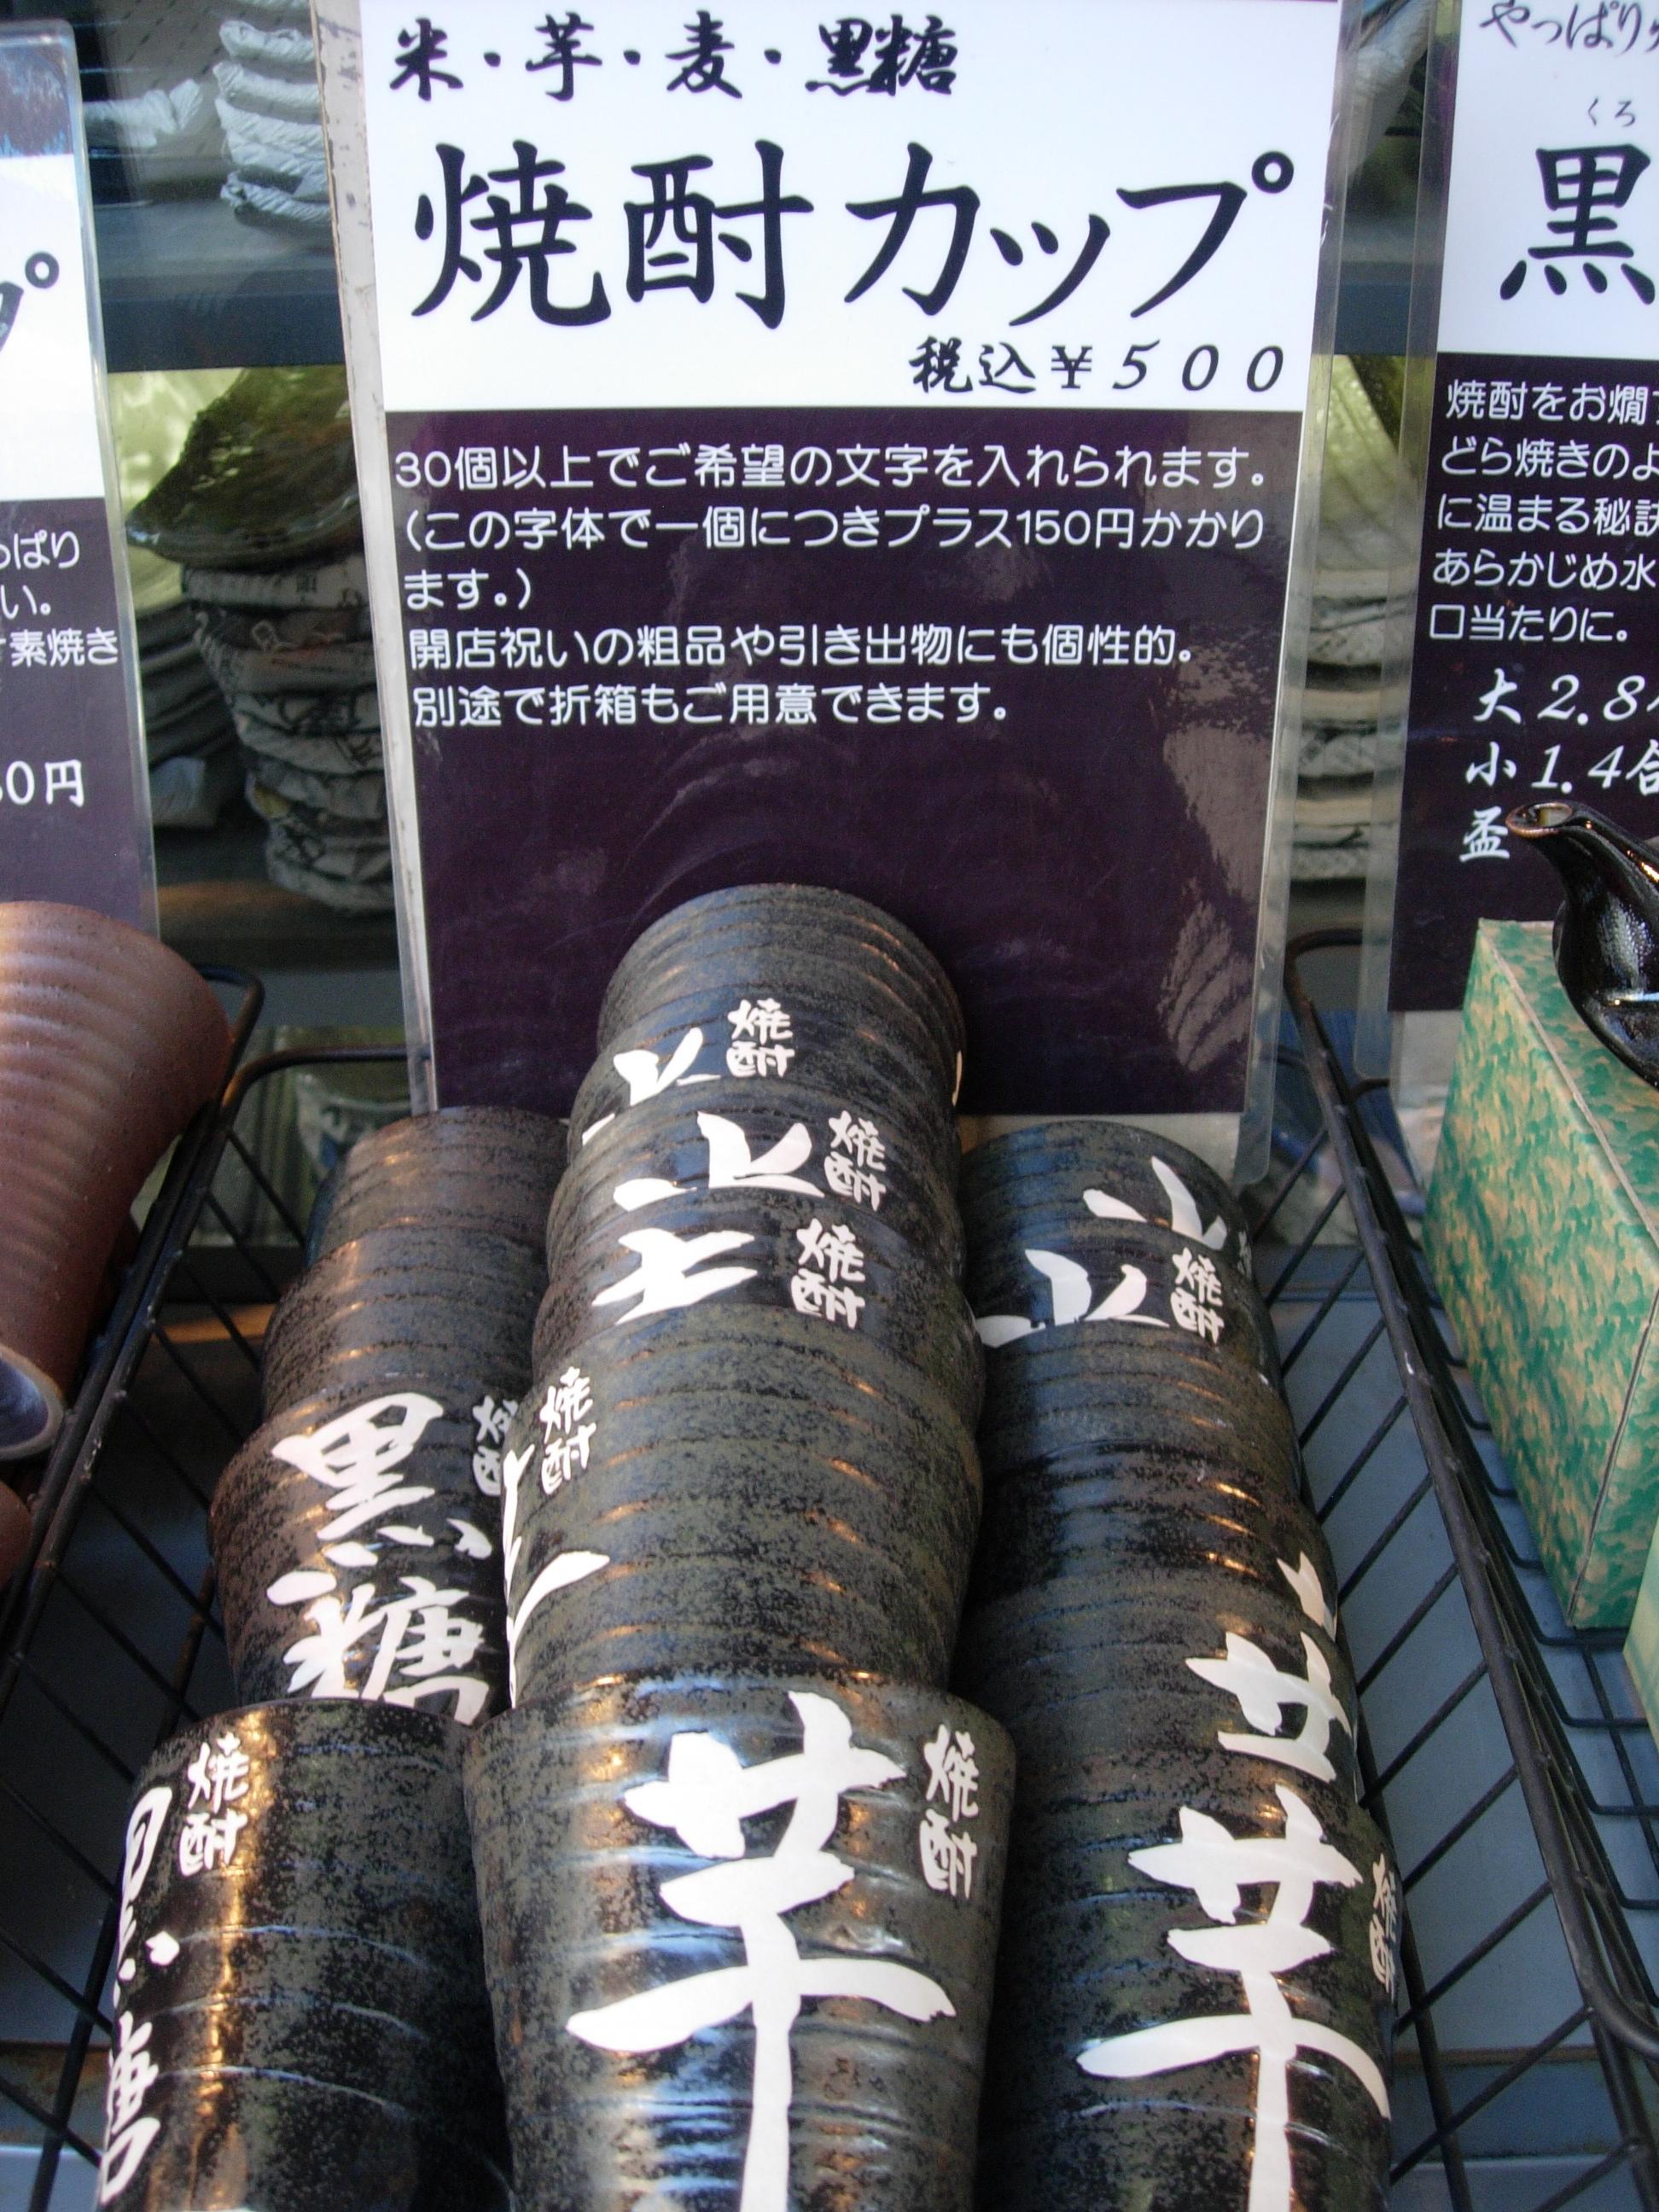 Shochu Cups